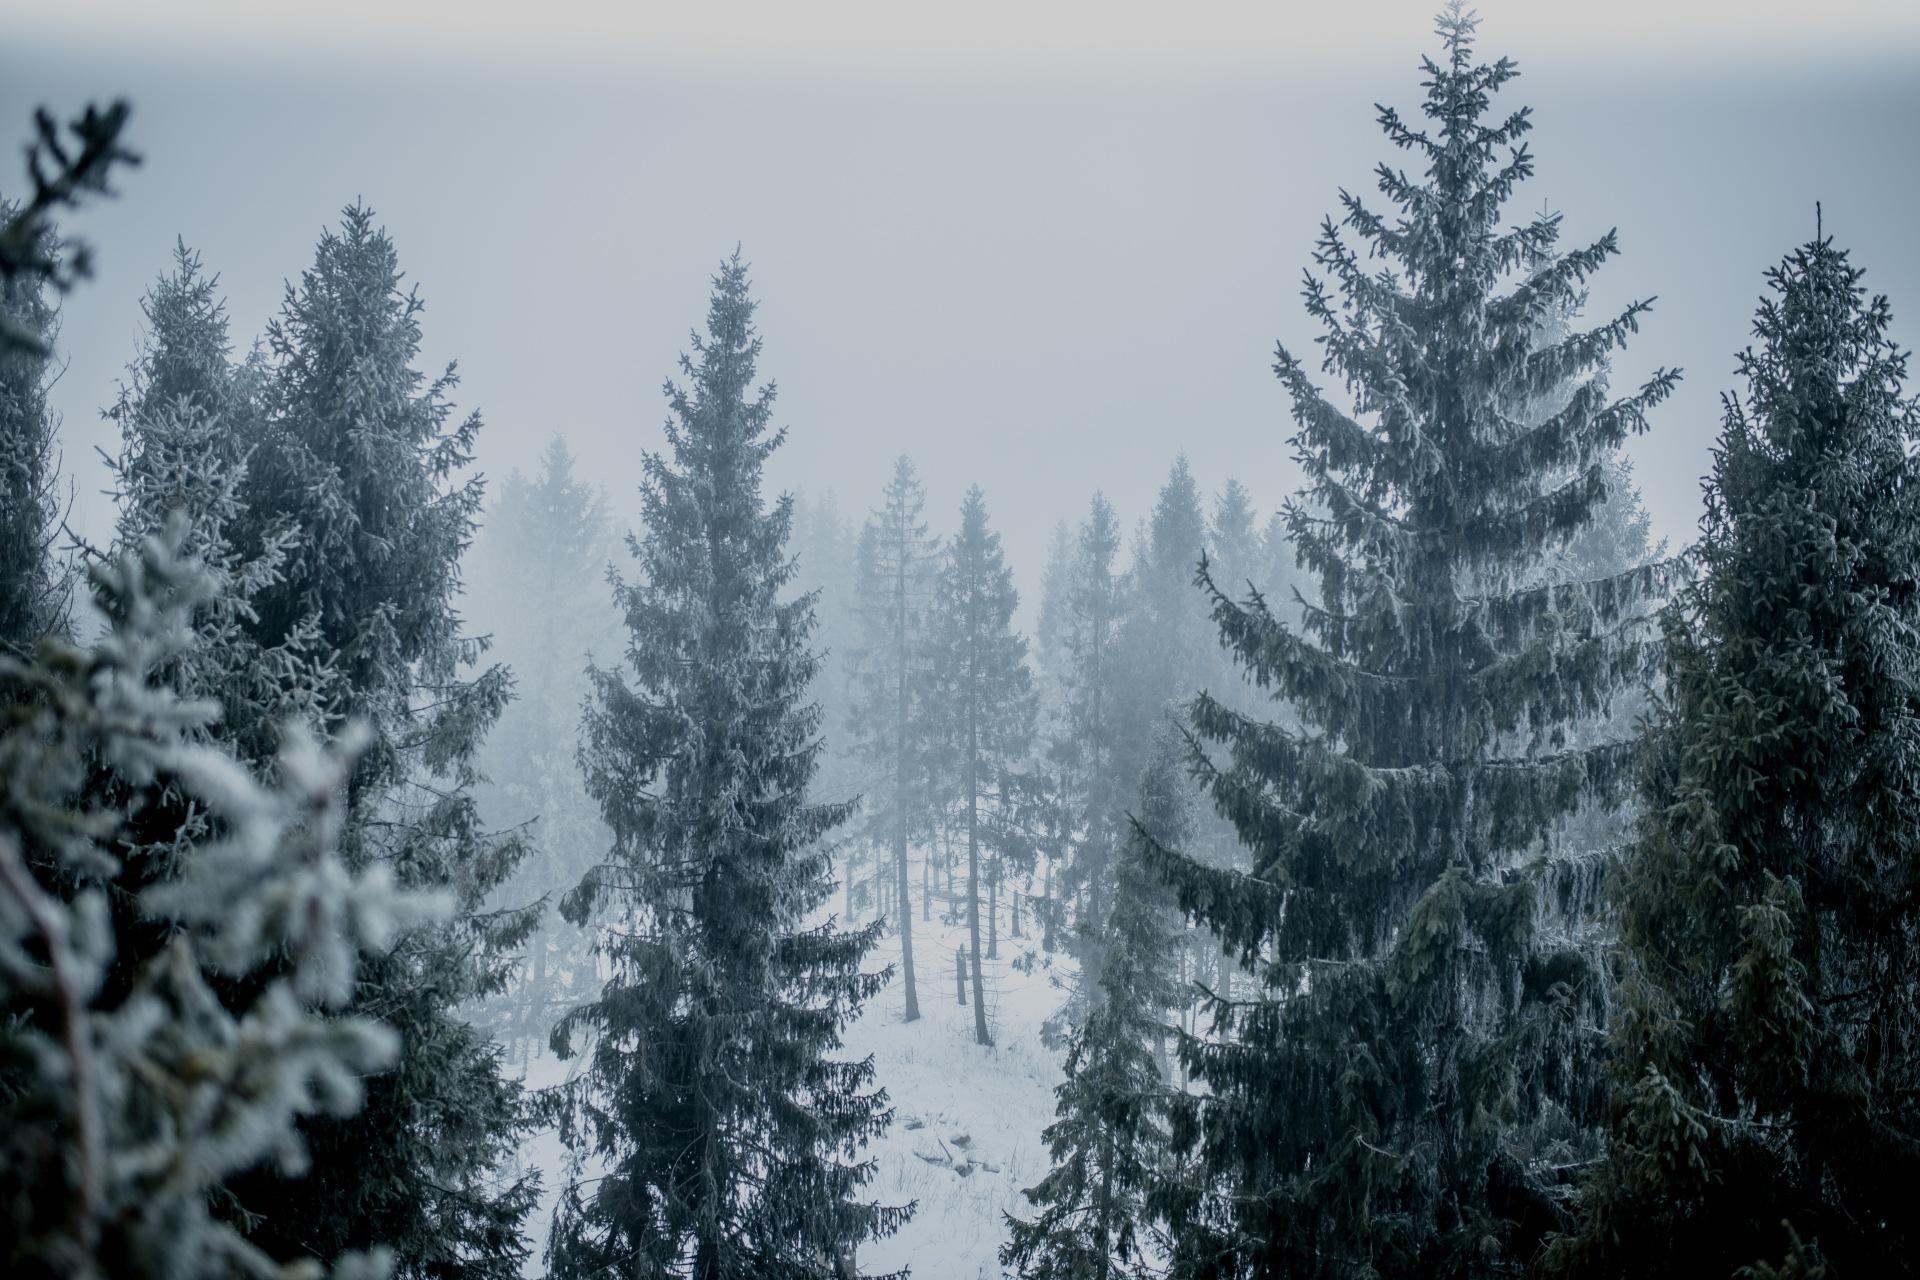 Ścieżka w koronach drzew Słowacja